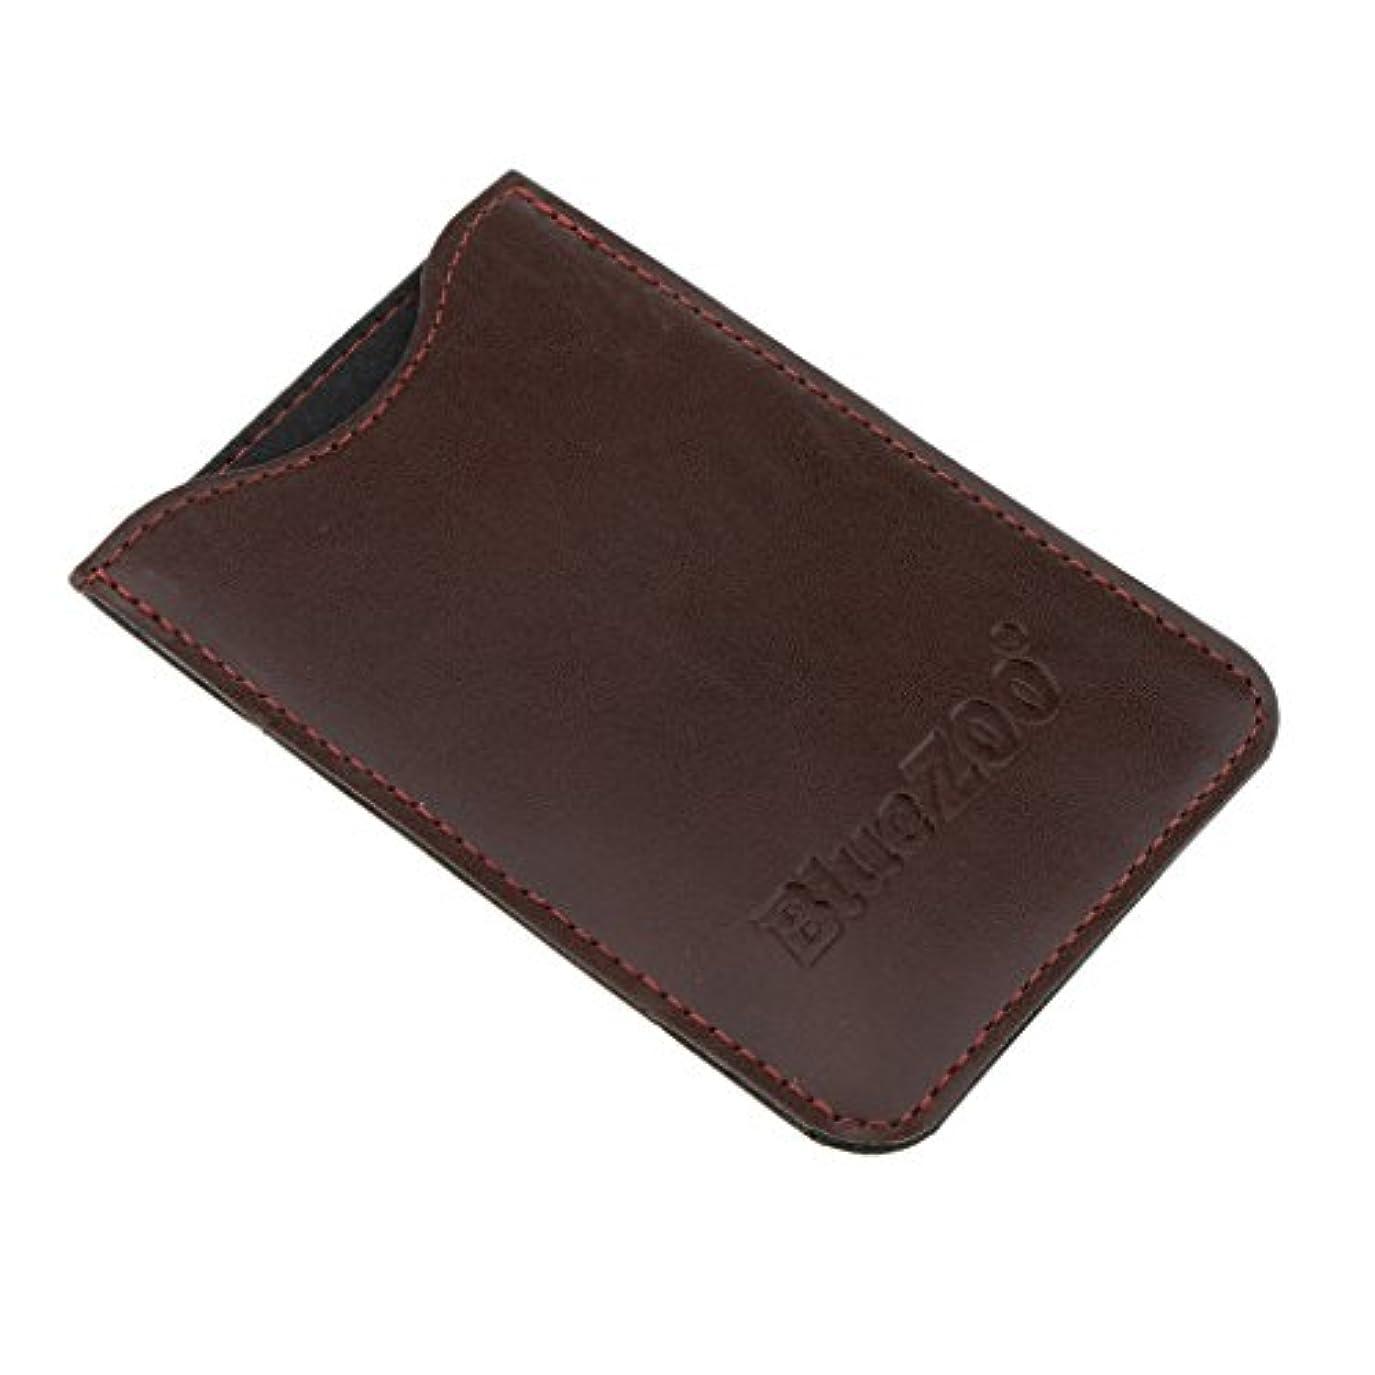 どこでもテープ申し立てられたPUレザー バッグ 収納ケース 保護カバー 櫛/名刺/IDカード/銀行カード 収納パック 便利 全2色 - 褐色